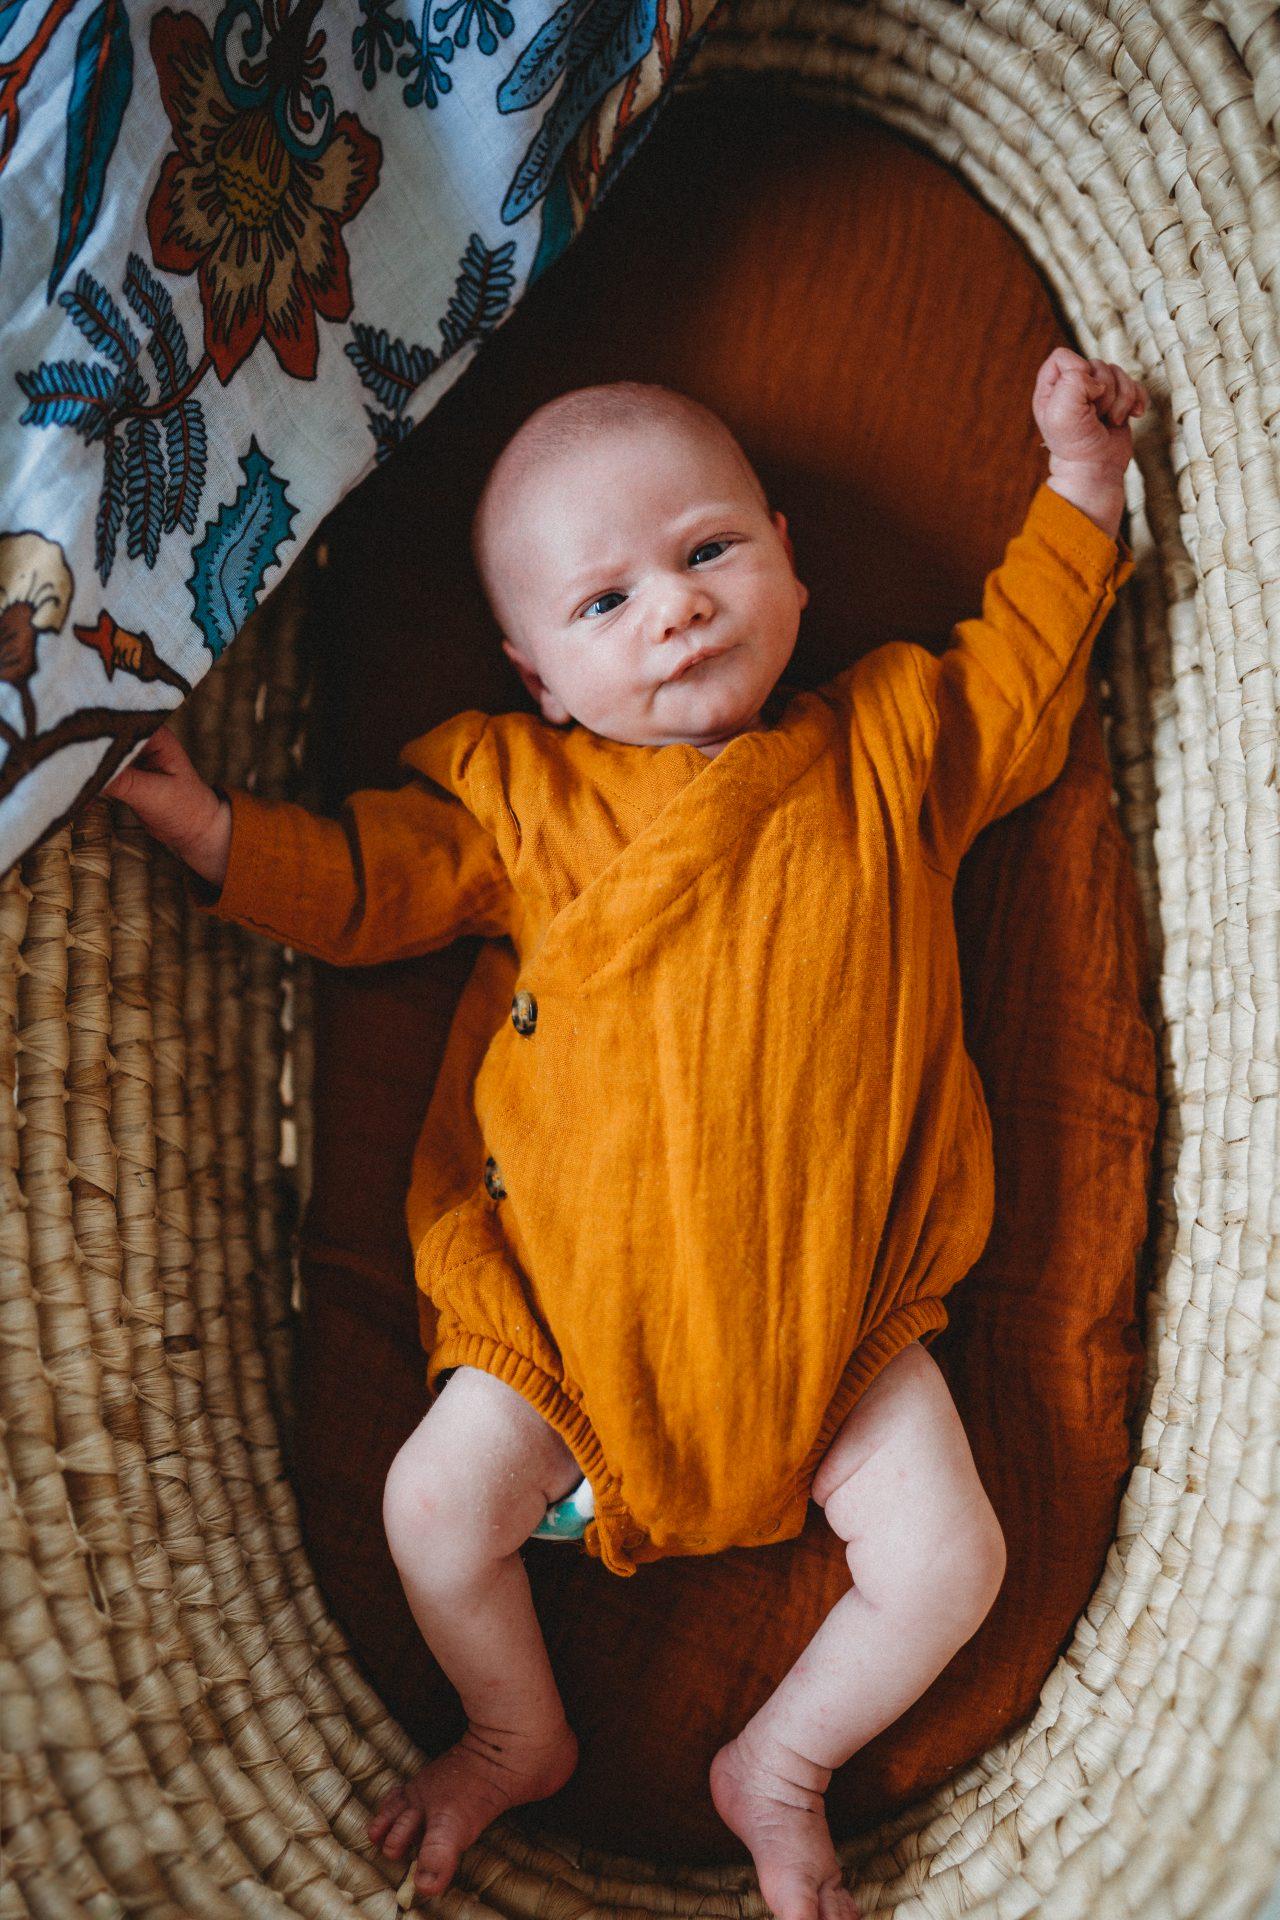 Newborn boy in boho basket, dressed in orange onesie